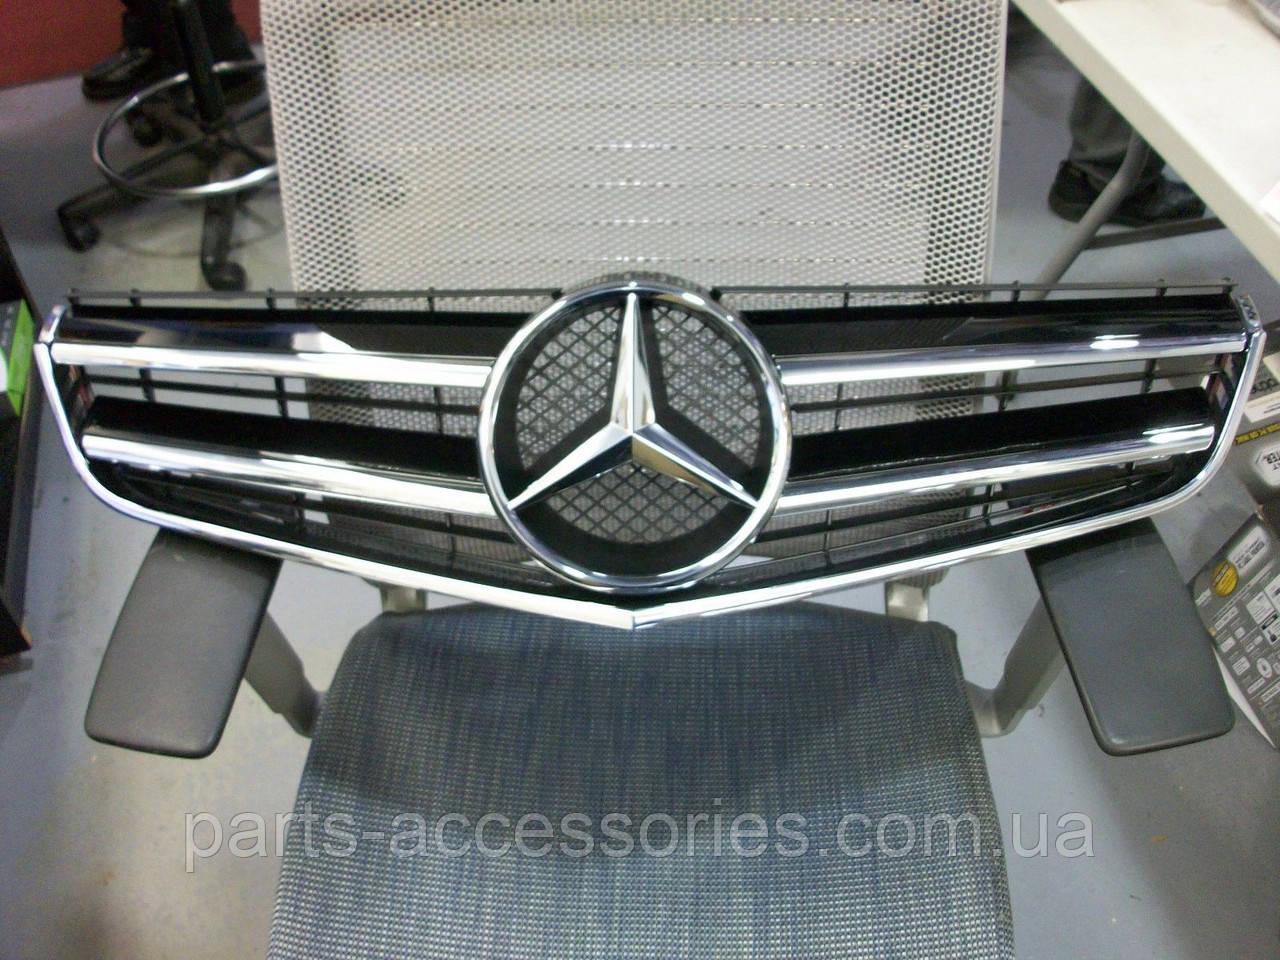 Mercedes E Class купе кабріолет W207 до рестайлінгу 2009-13 решітка радіатора оригінал нова